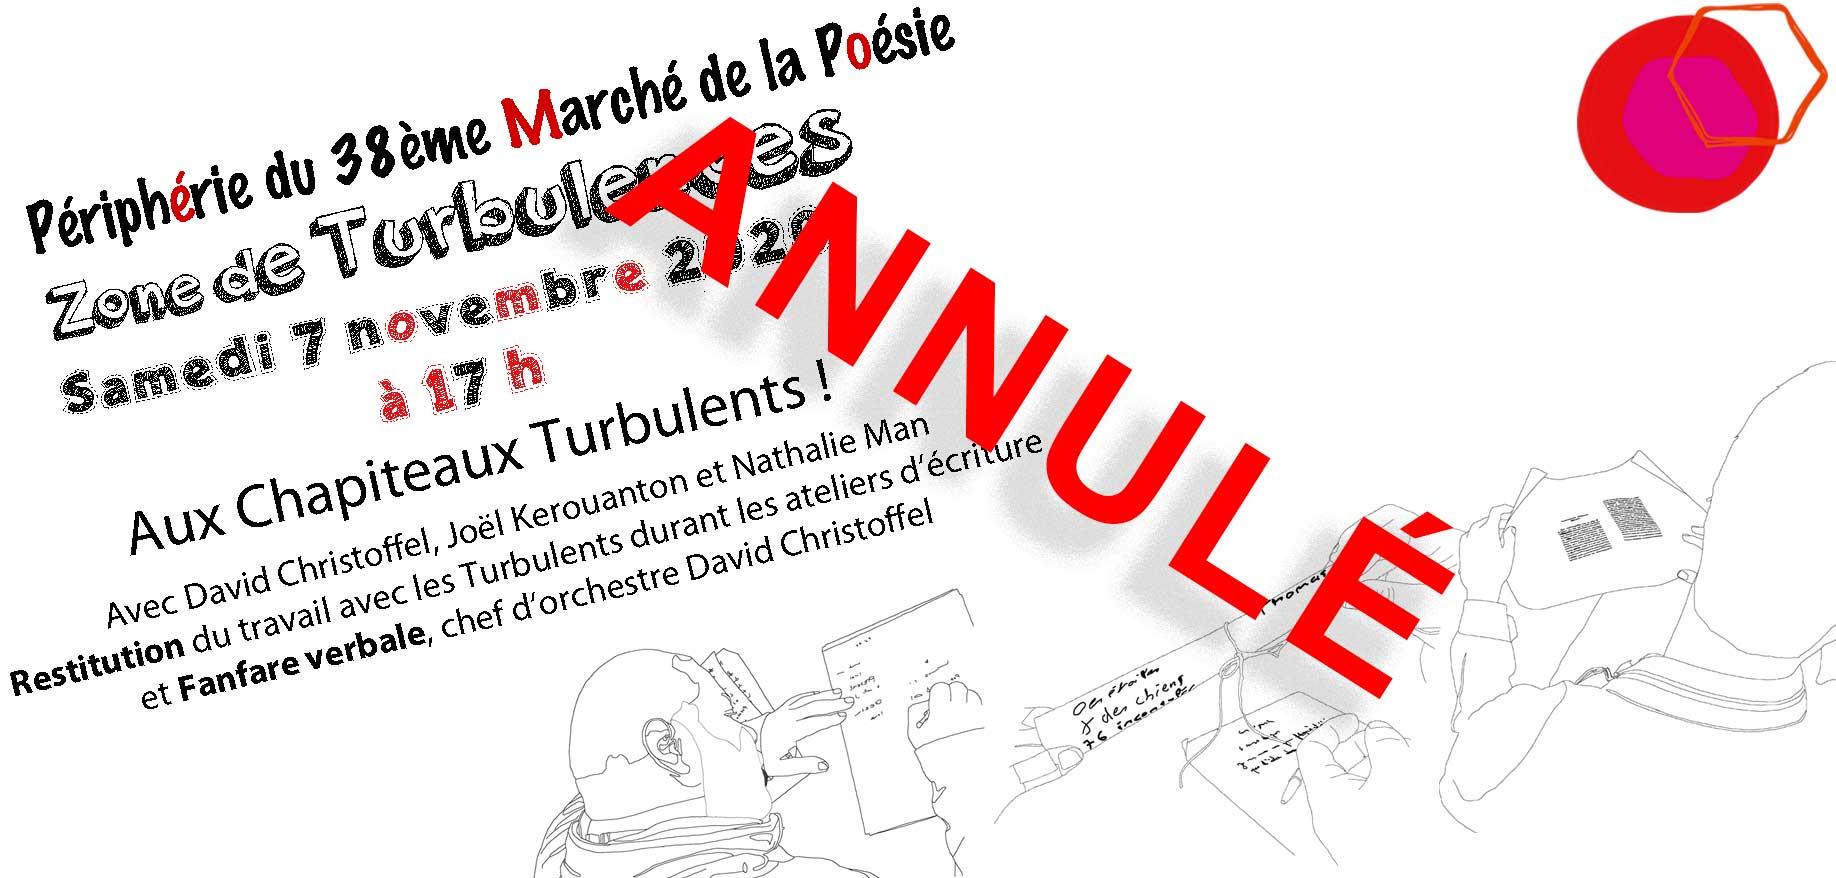 #28. samedi 7 novembre à 17h La Périphérie du Marché